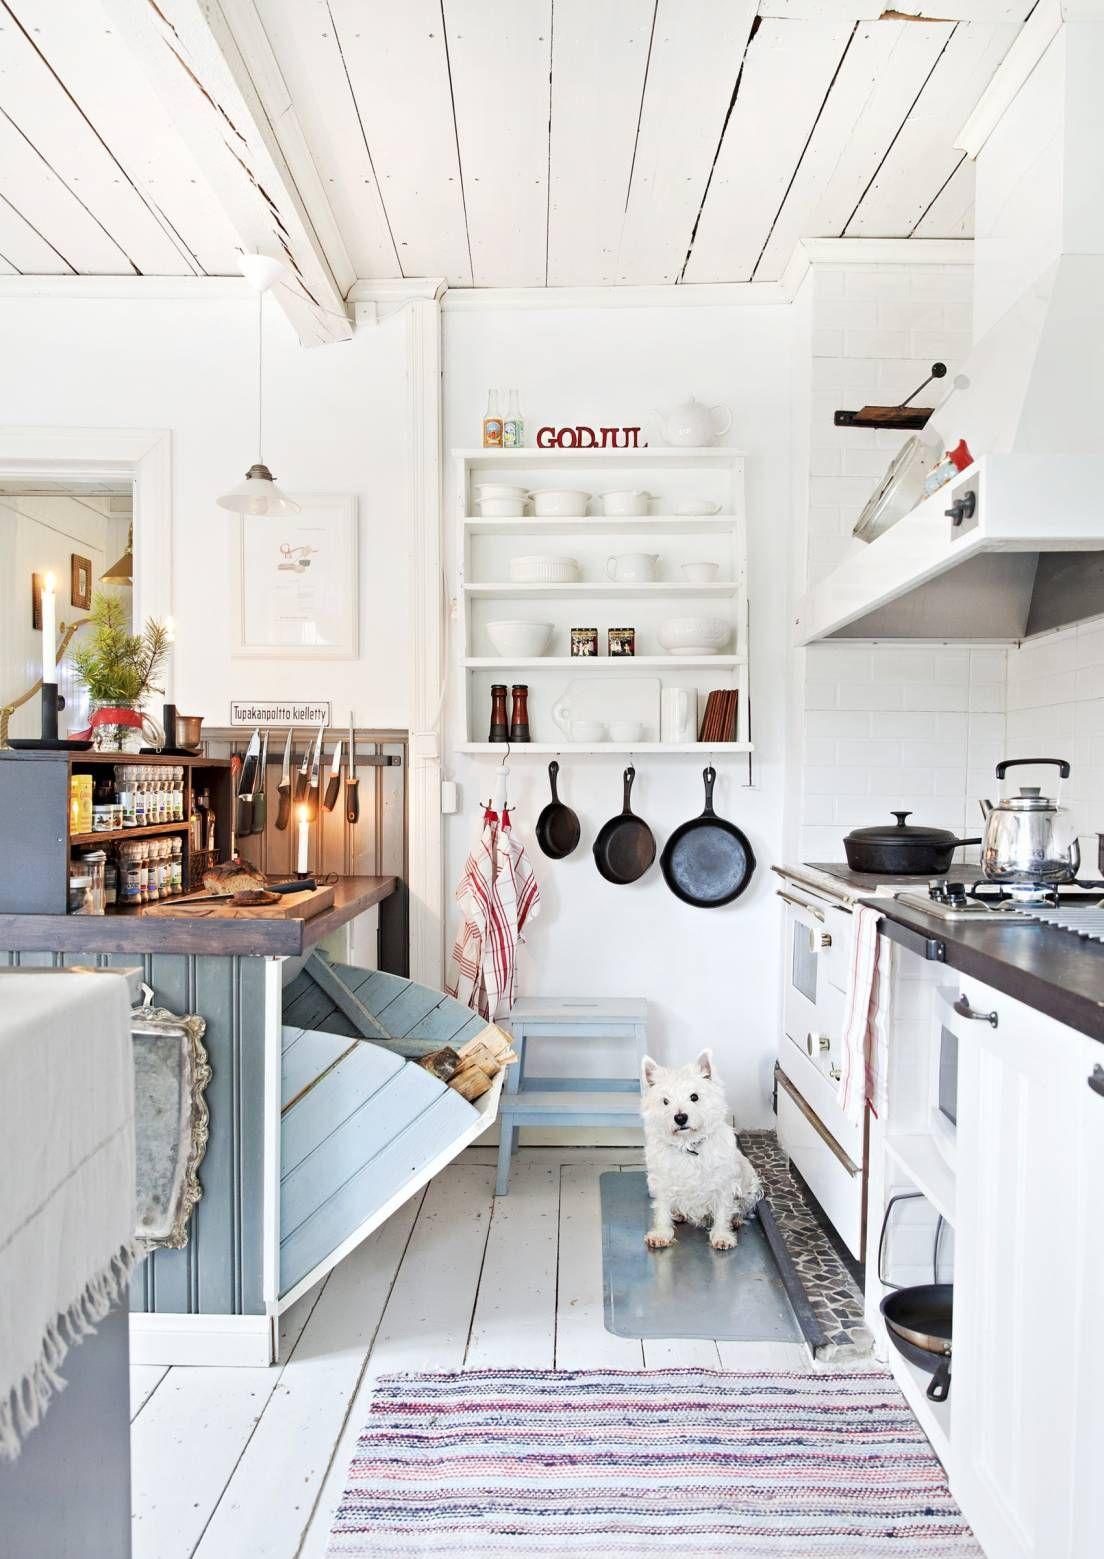 Ideen für die küche mitä maalaisromanttiseen keittiöön kuuluu peiliovinen kaapisto